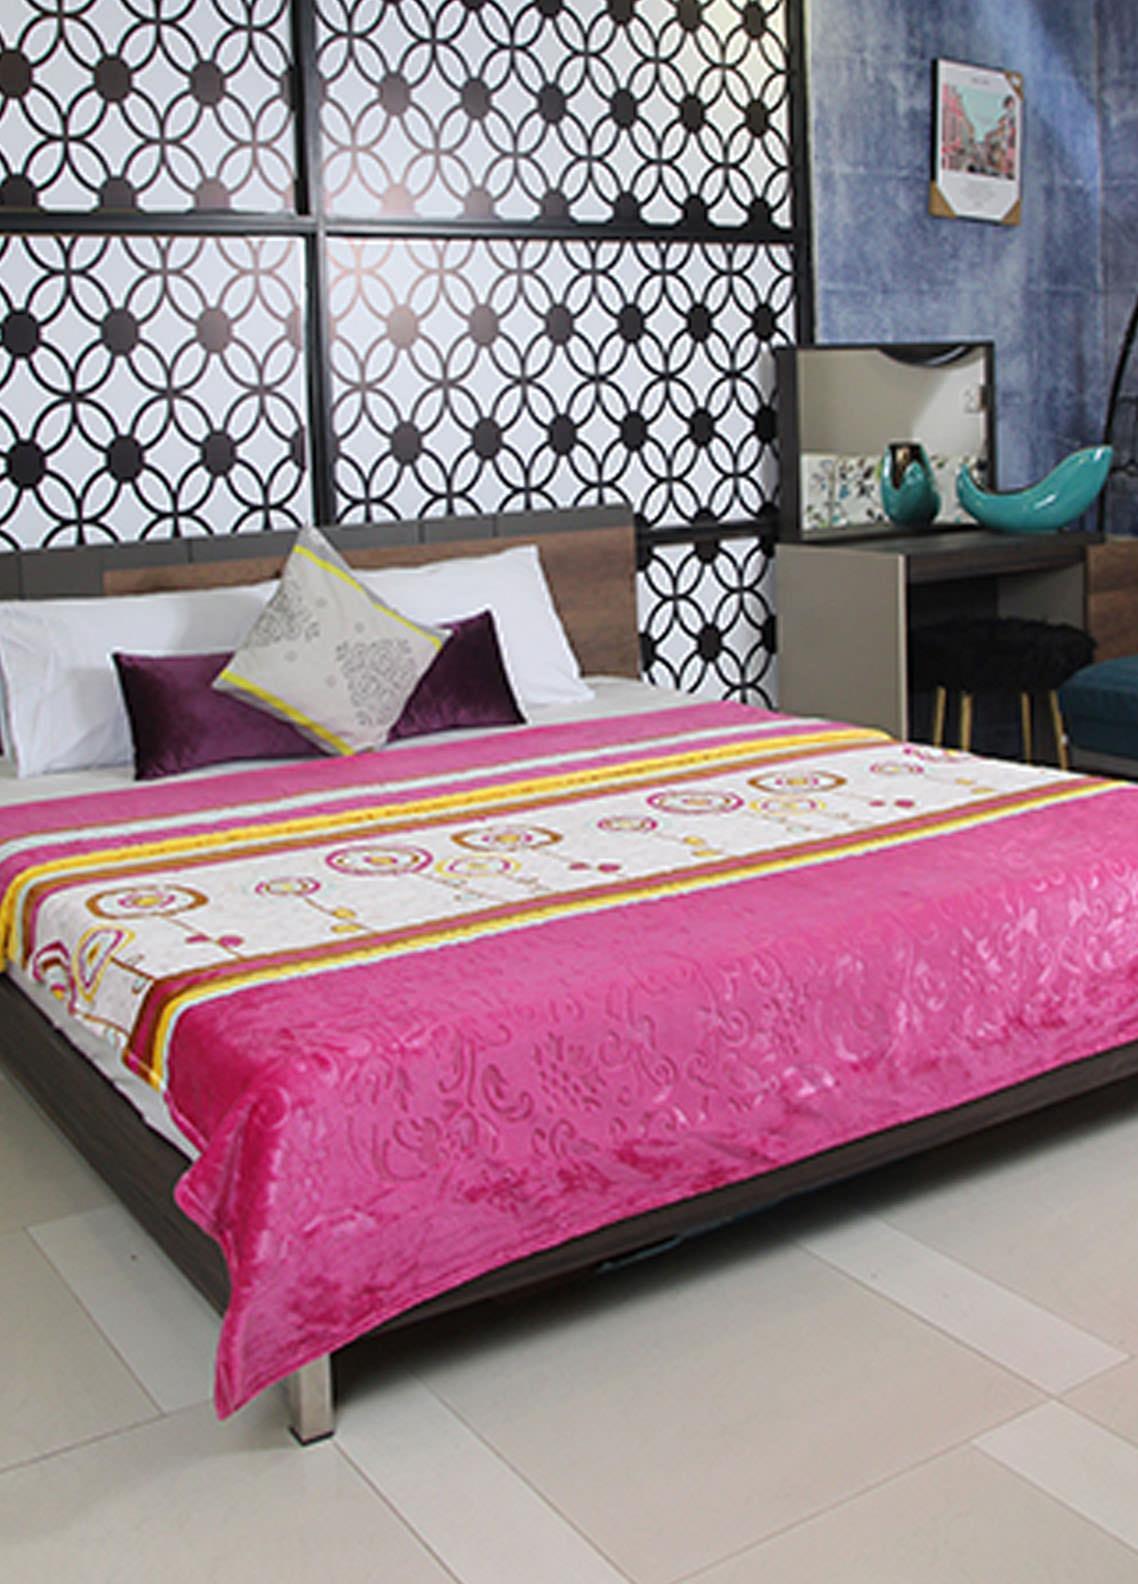 Plush Mink Double Bed Supreme Soft Finish Blankets 2 Ply Supremo-SMV222 - Home & Decor